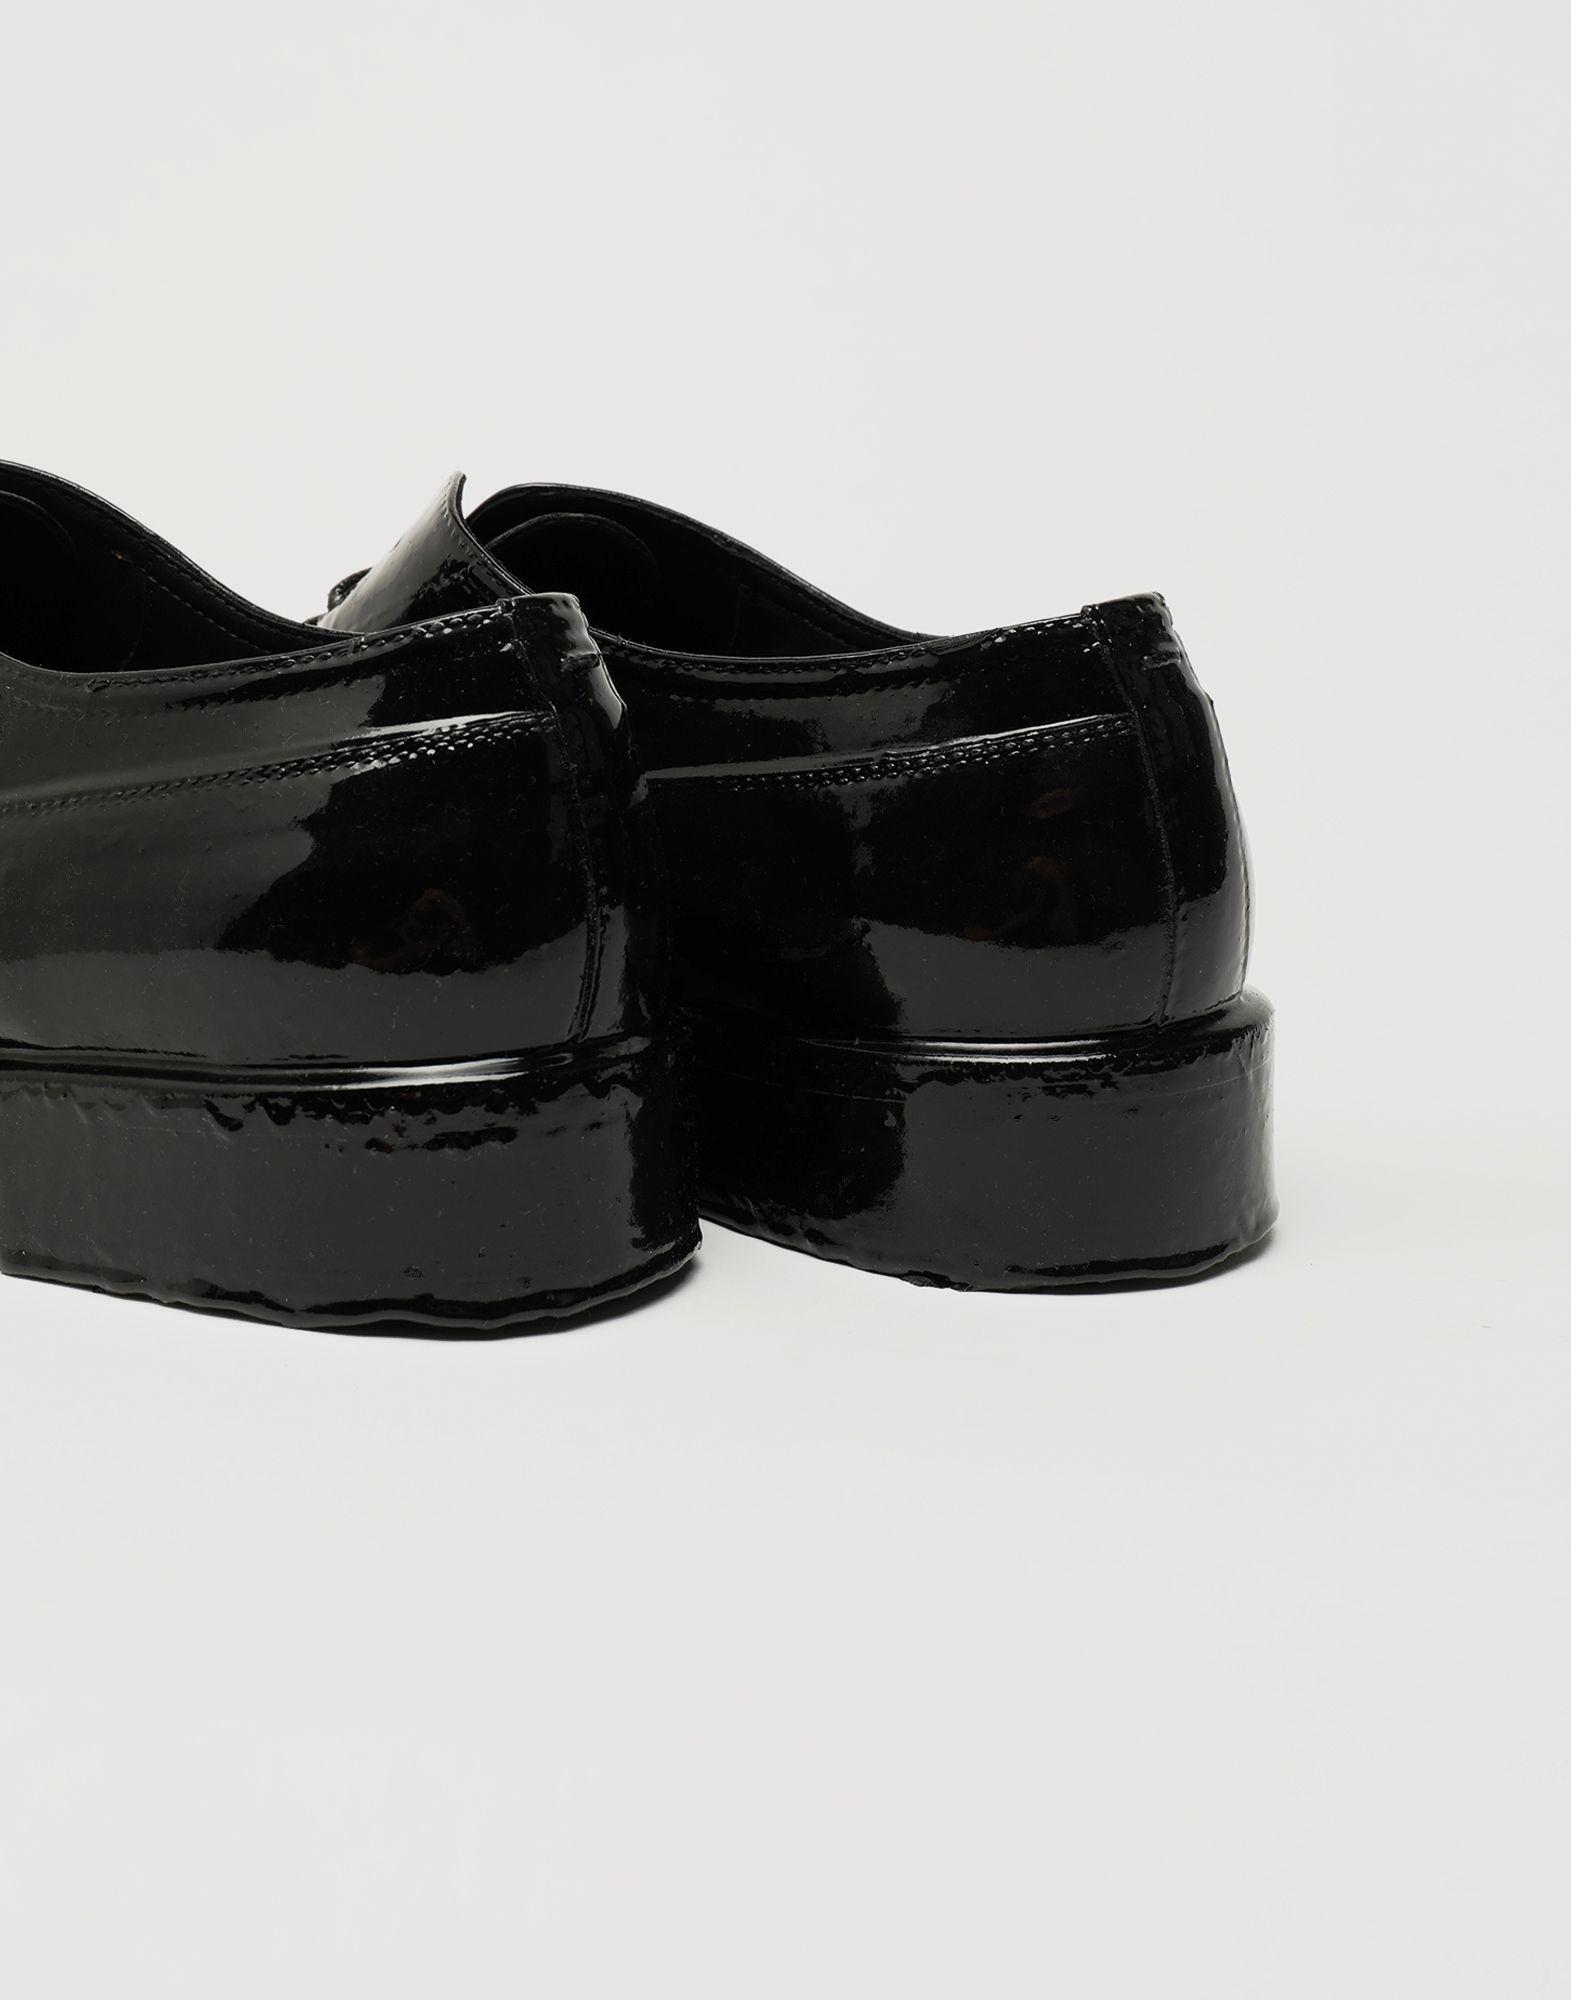 MAISON MARGIELA Plastic Casting Treatment lace-up shoes Laced shoes Man a